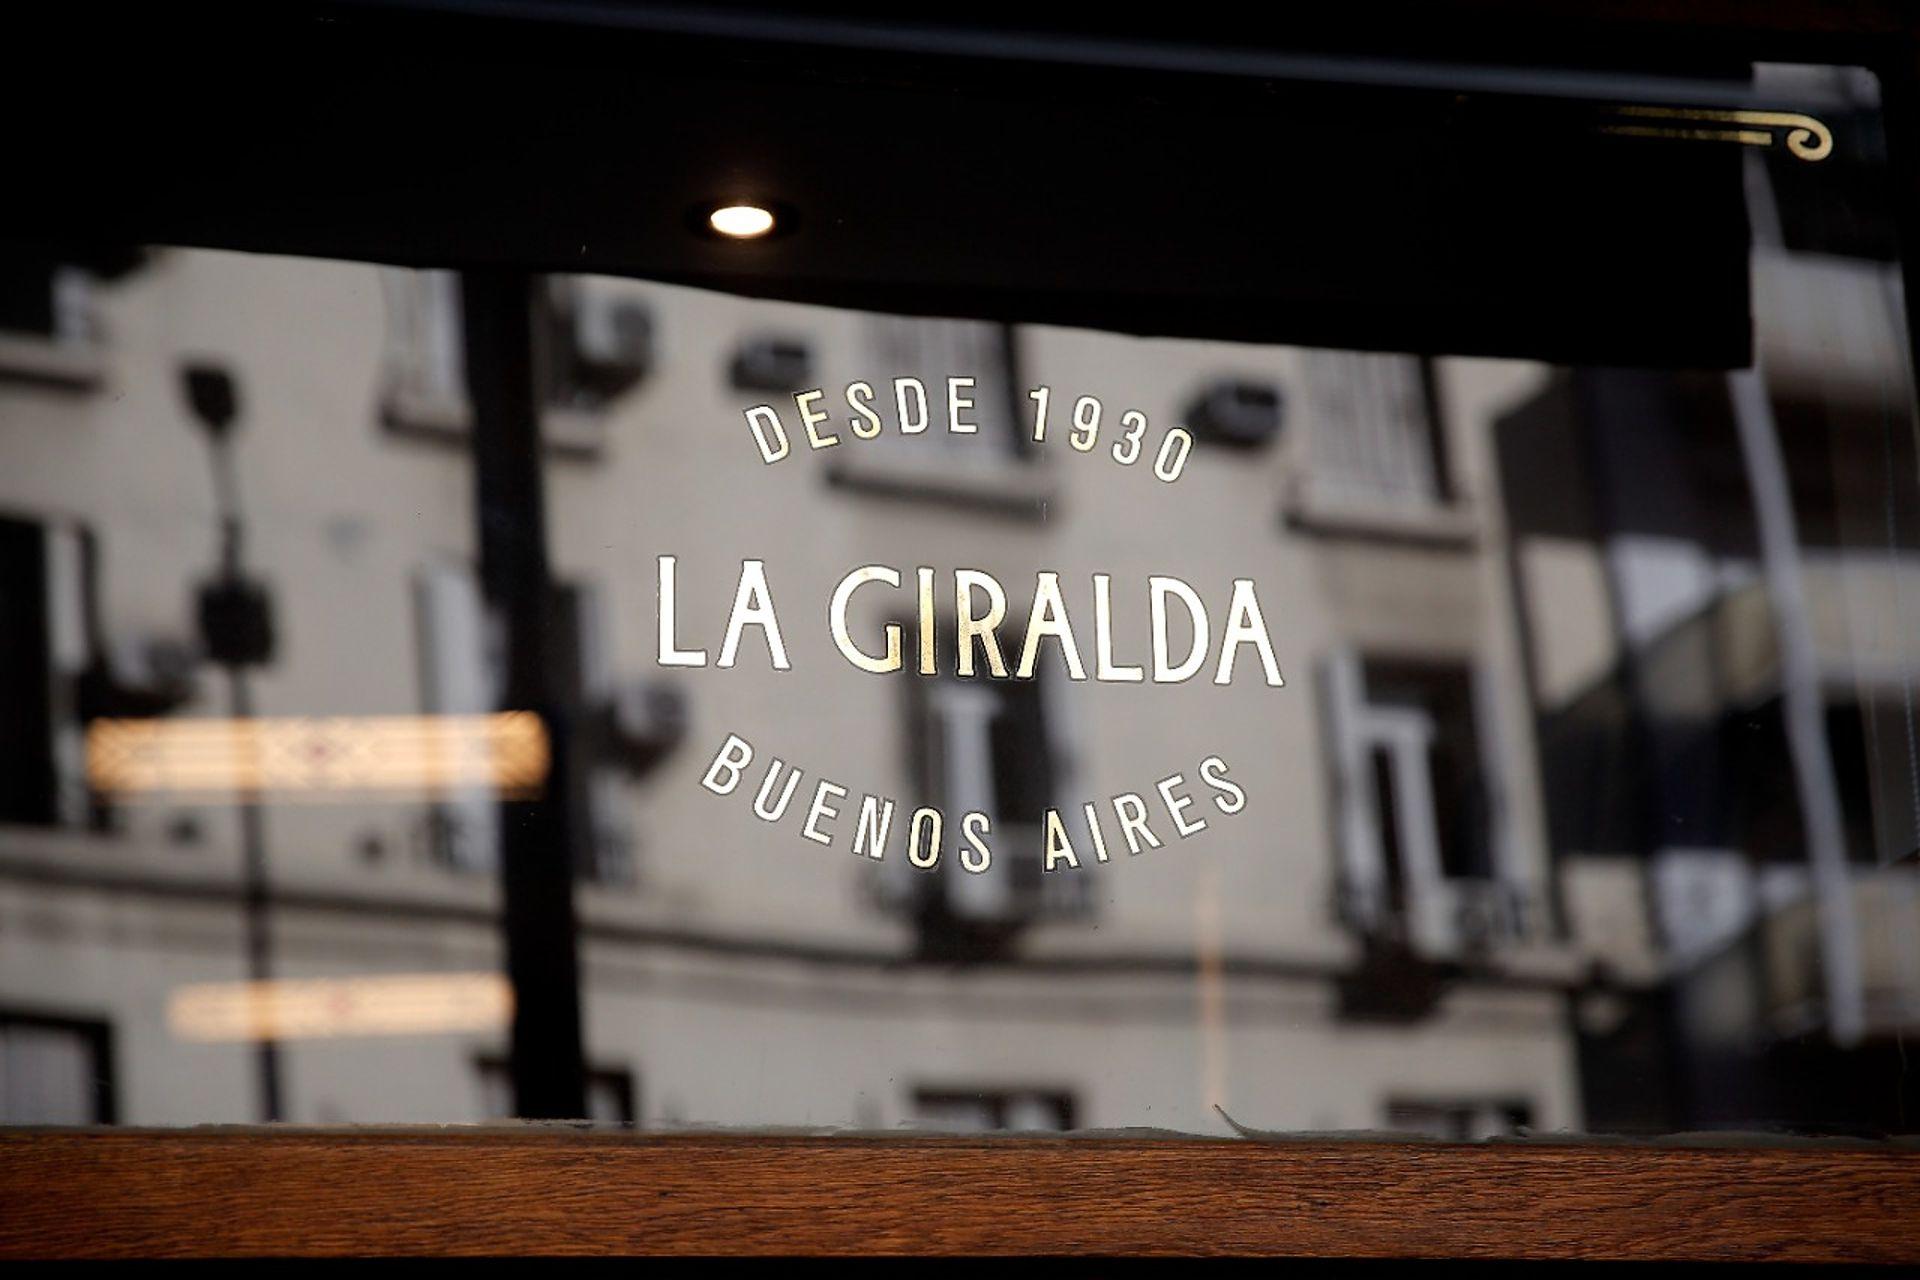 Reapertura del bar La Giralda